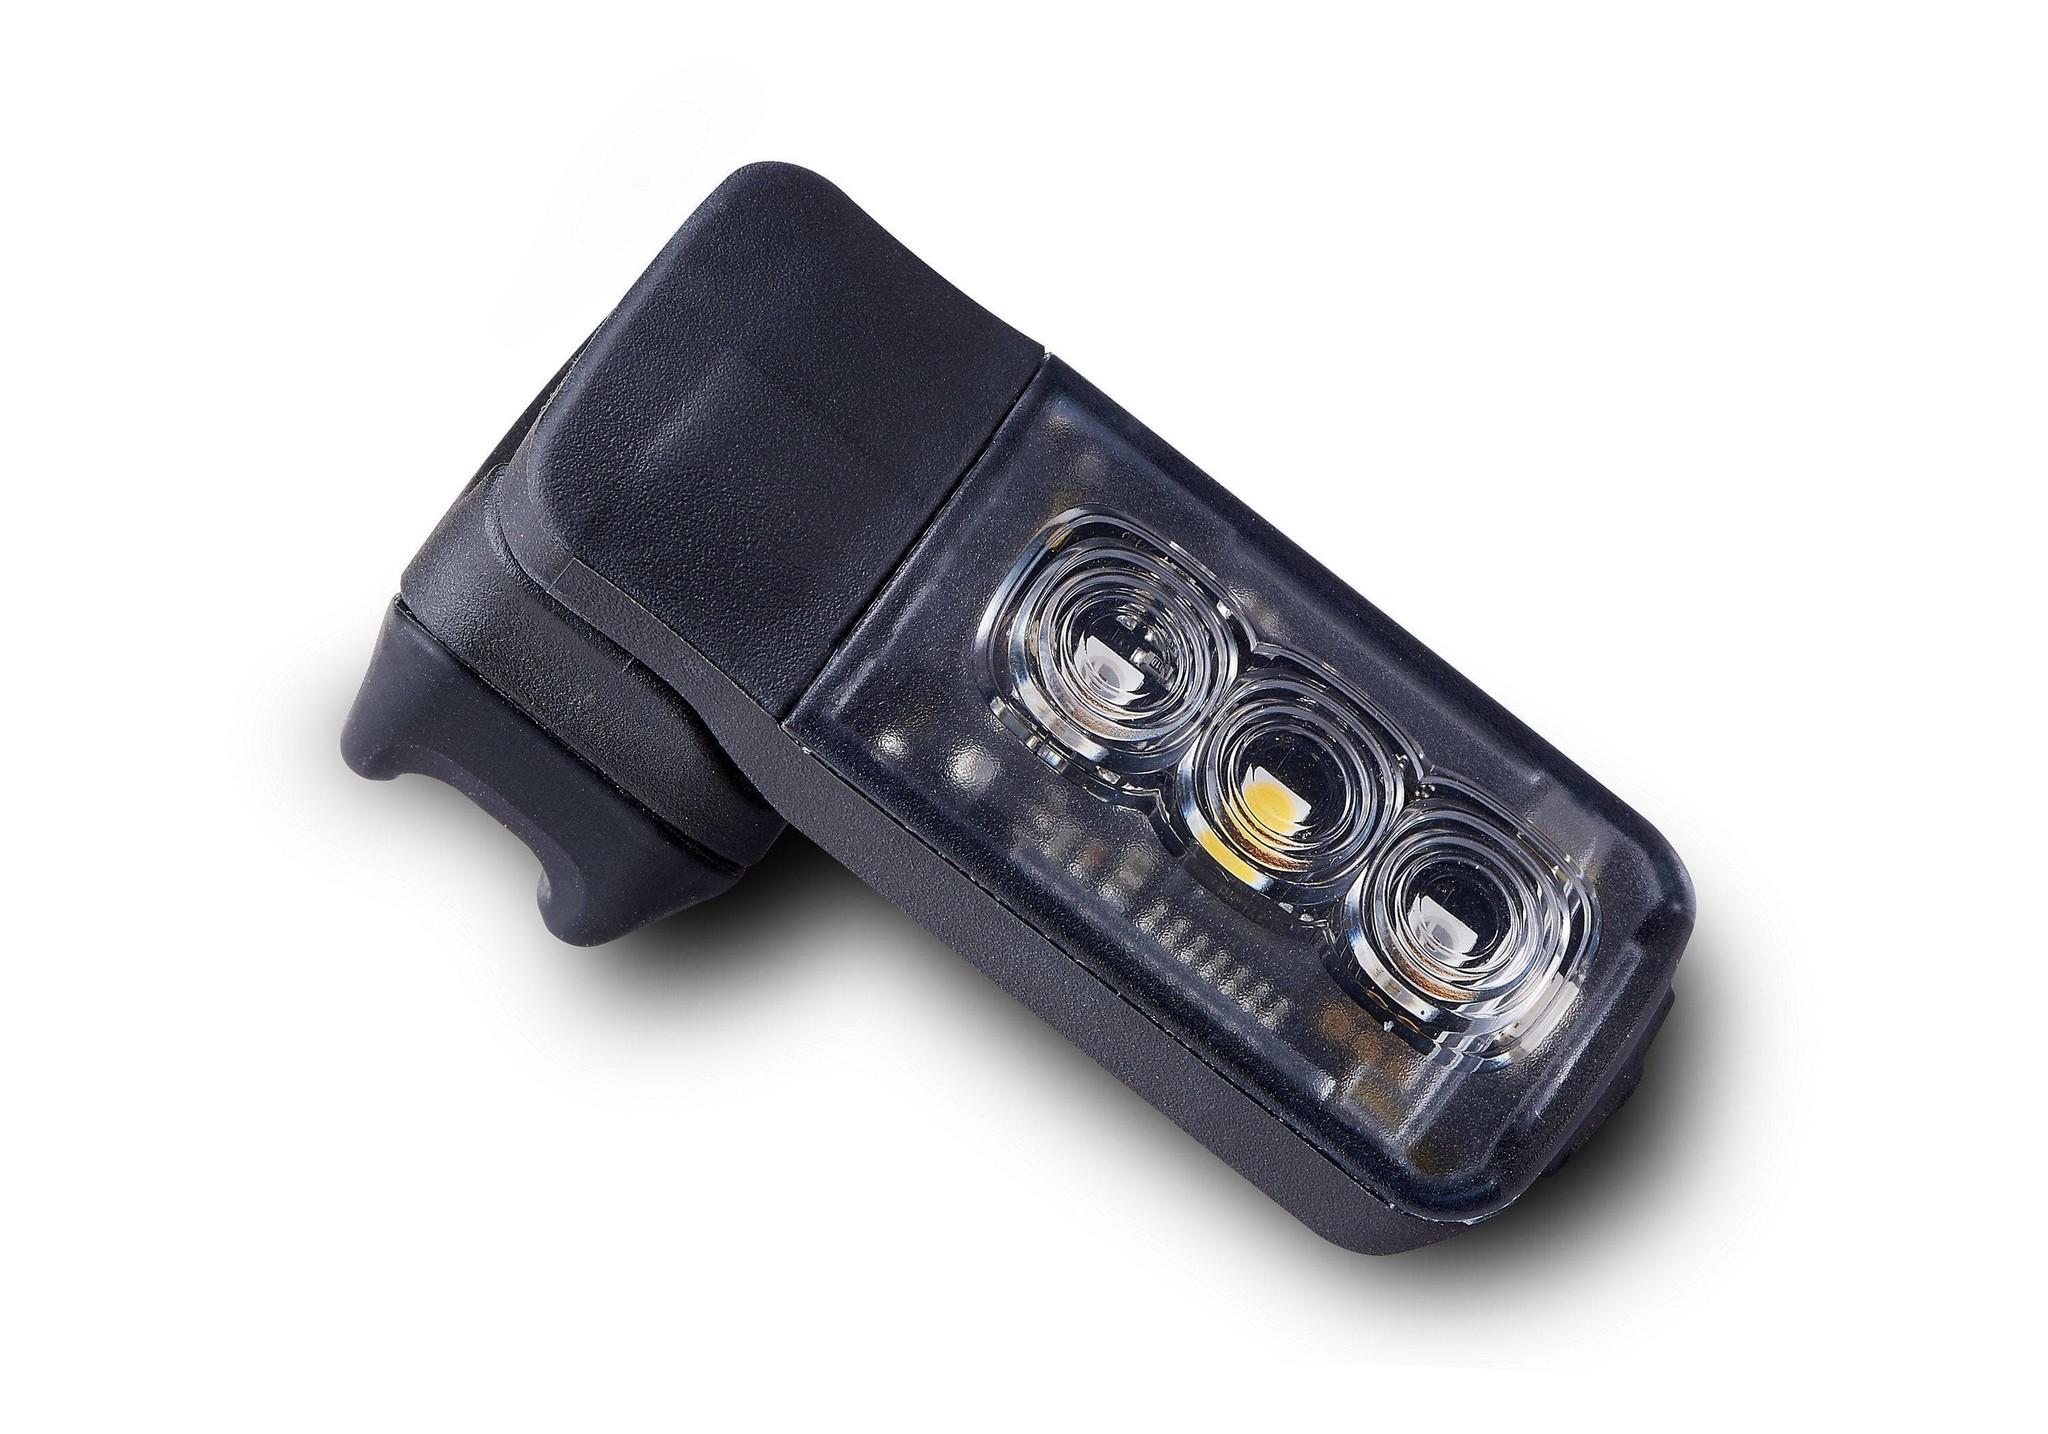 Specialized Specialized Stix Comp Headlight